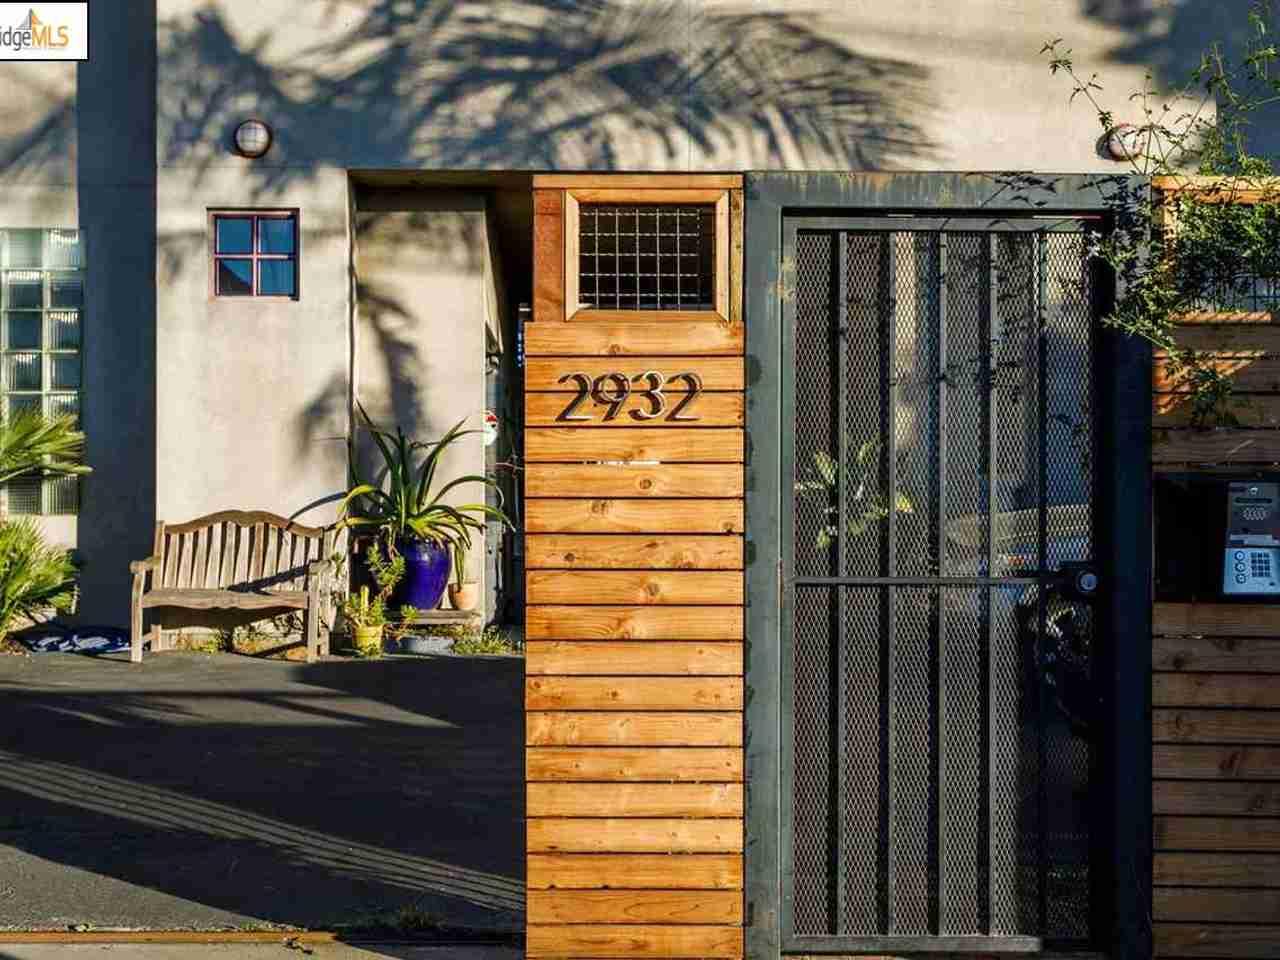 2932 Filbert Street #2 Oakland, CA, 94608